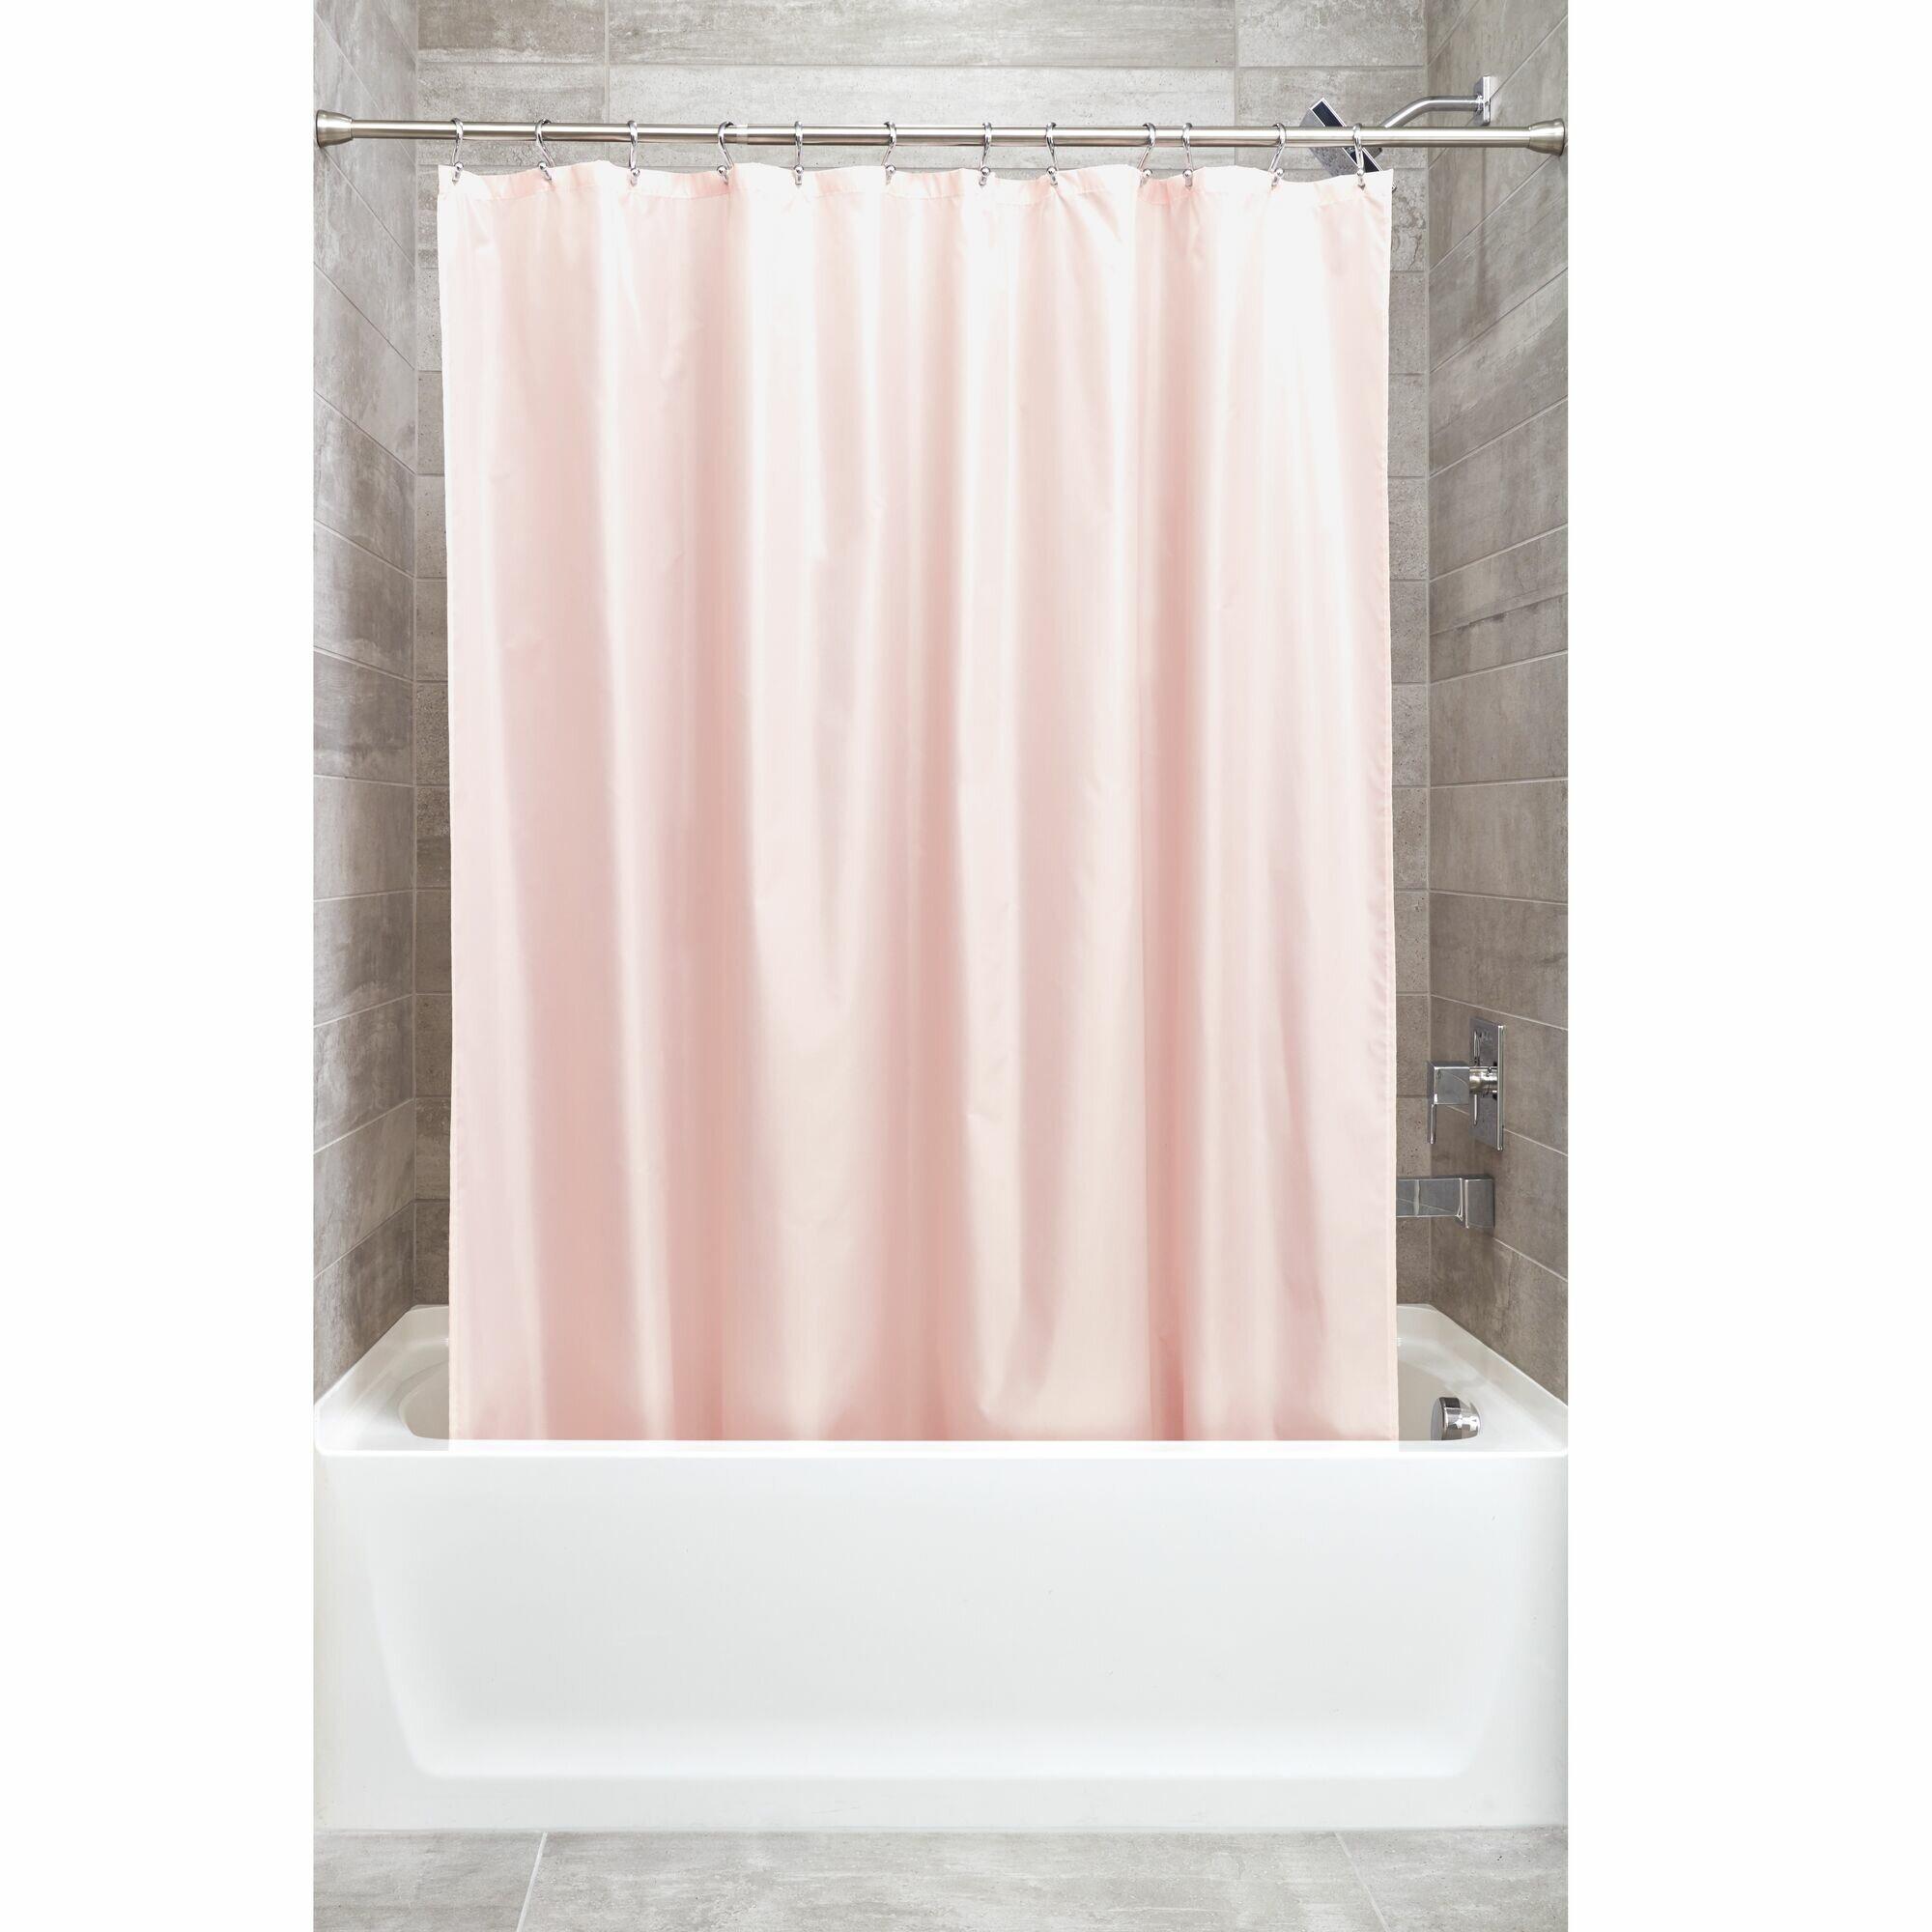 Haleburg Shower Curtain Liner